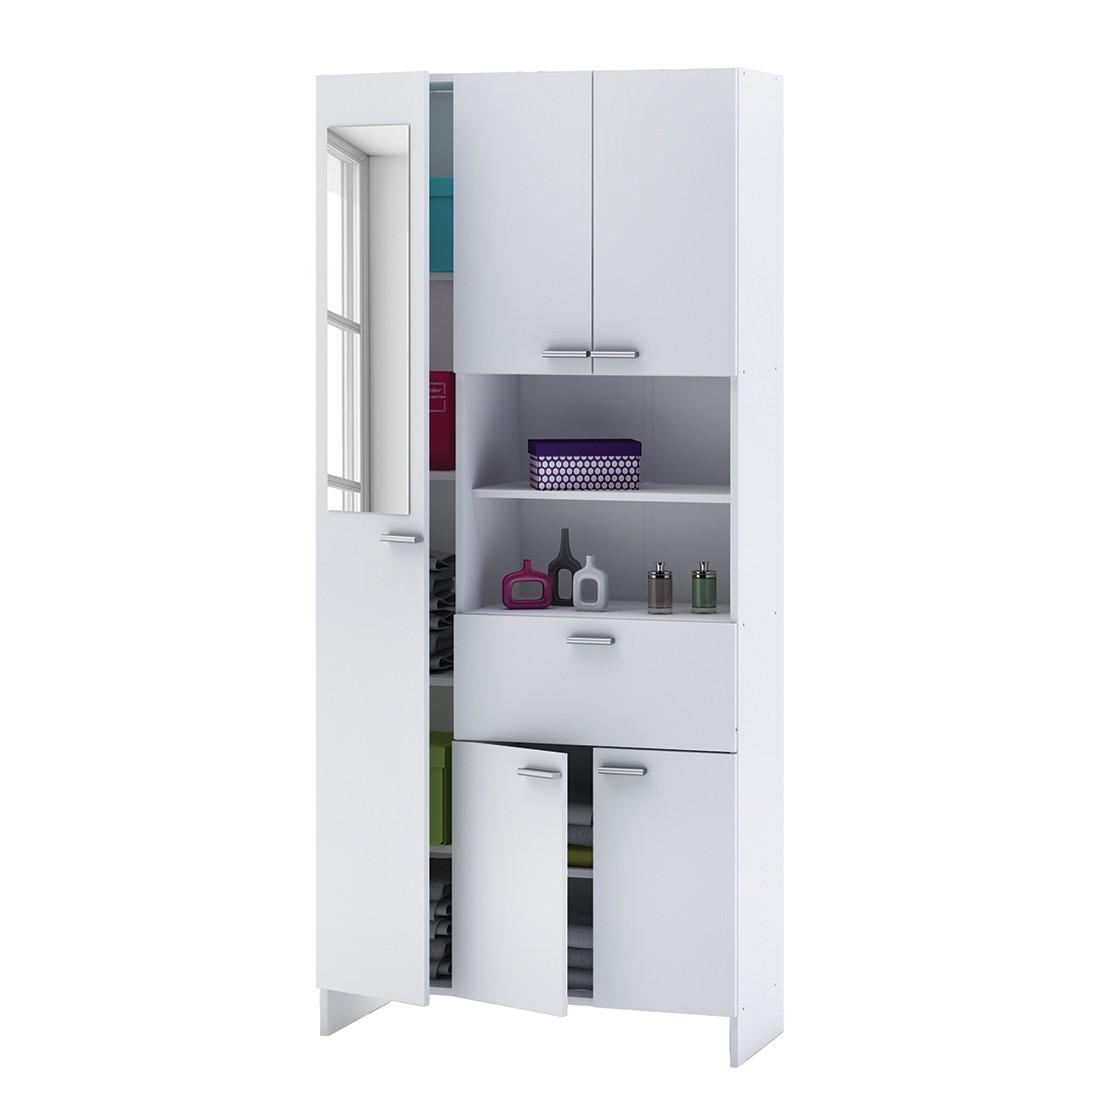 Badschrank weiß stehend  Badschrank Weiß: Schränke online günstig kaufen über shop24.at shop24.